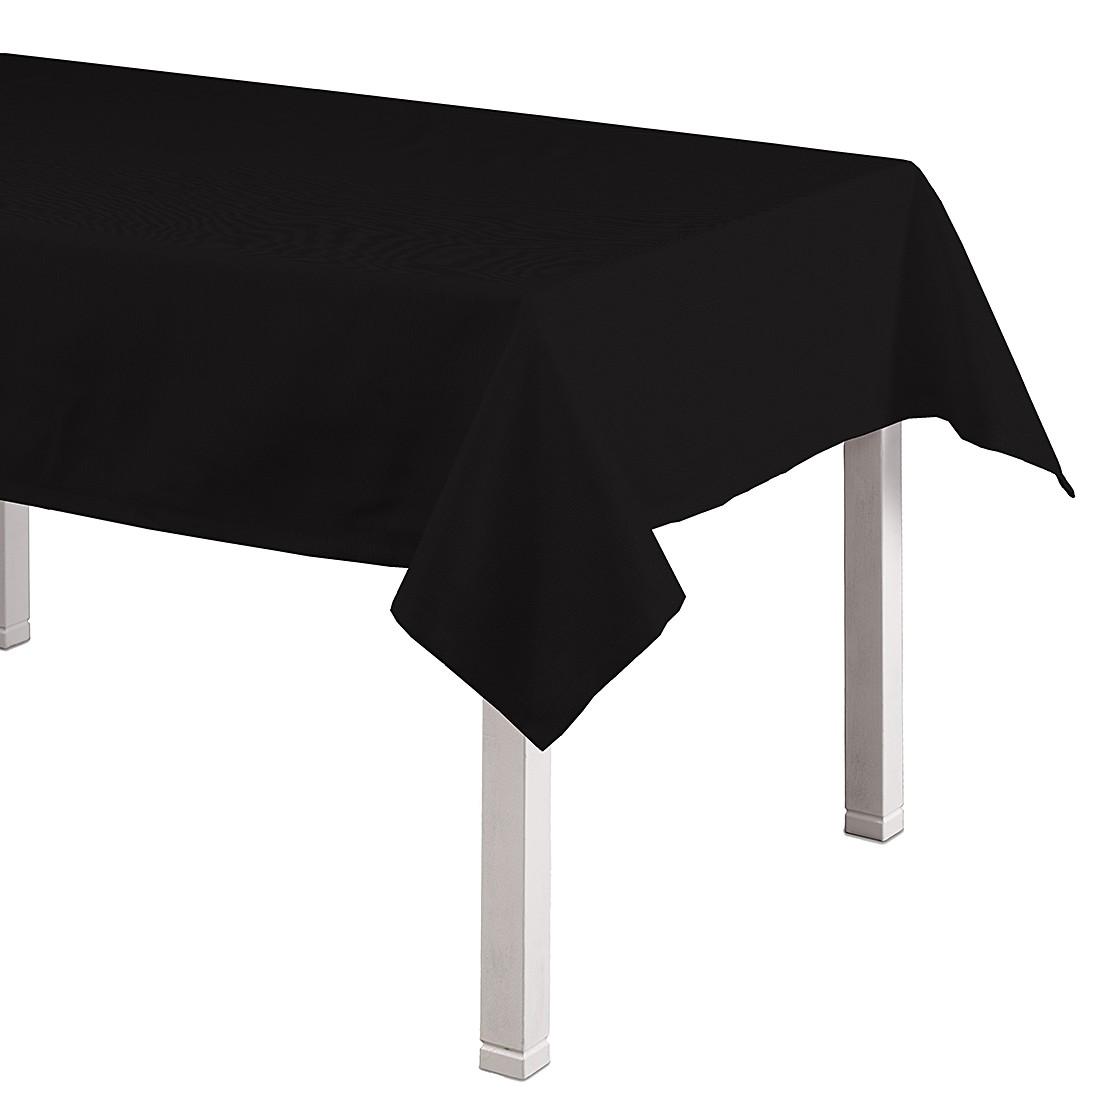 Tischdecke Cotton Panama – Schwarz – 130 x 160 cm, Dekoria online bestellen